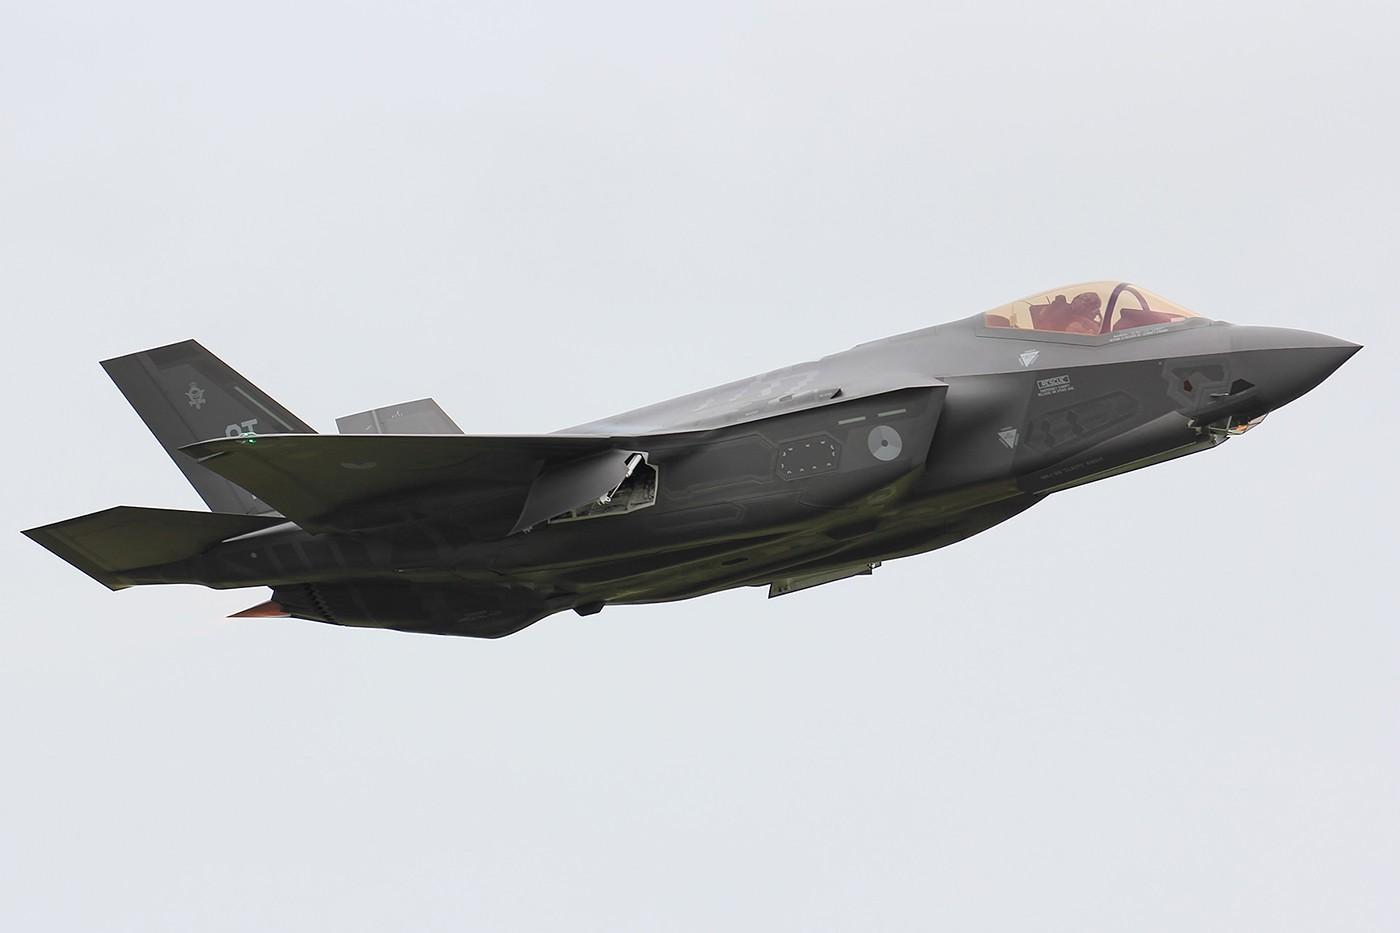 [原创] (可能是)论坛首发 荷兰空军F-35A Lightening II 1400大图【烂天慎入】 LOCKHEED MARTIN F-35 LIGHTNING II F-002 Leeuwarden Air Base